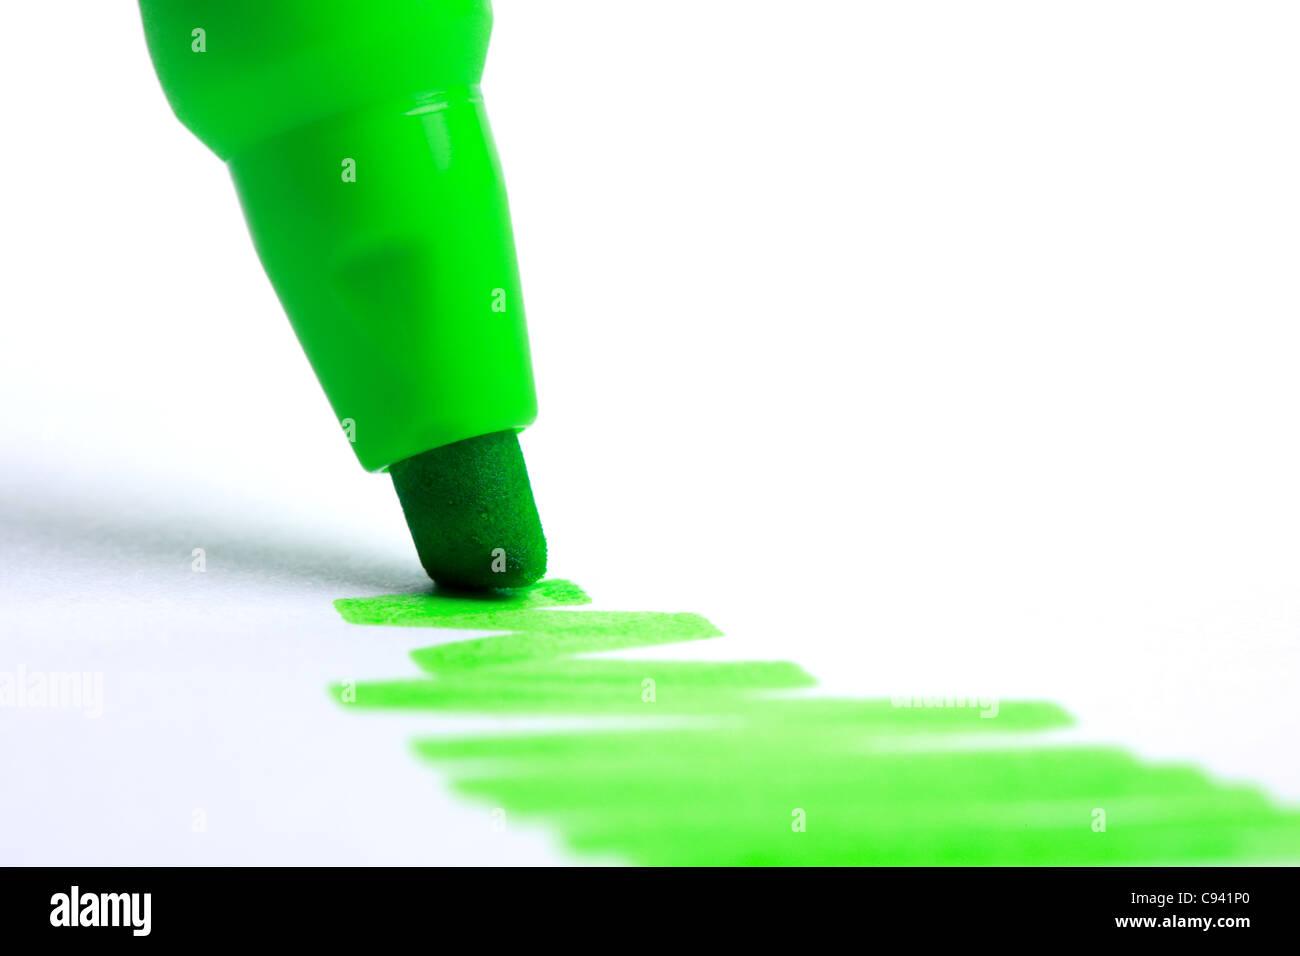 Resaltador verde Imagen De Stock